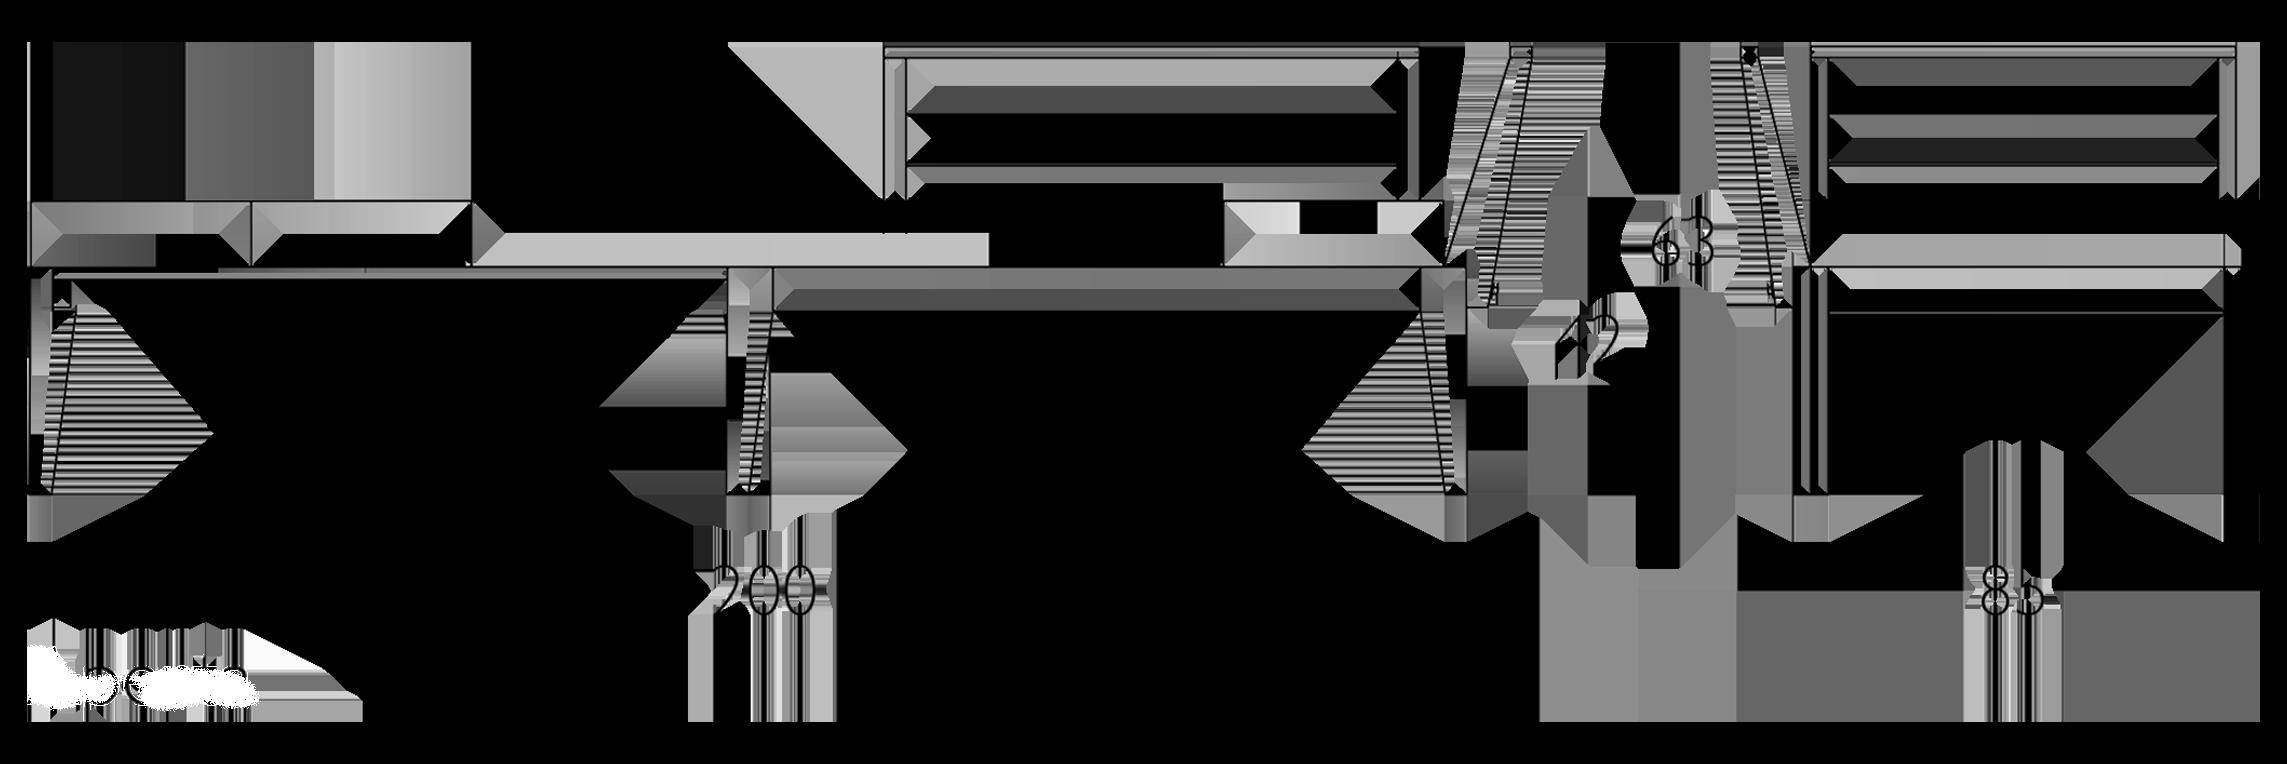 Ecletticaaaaa